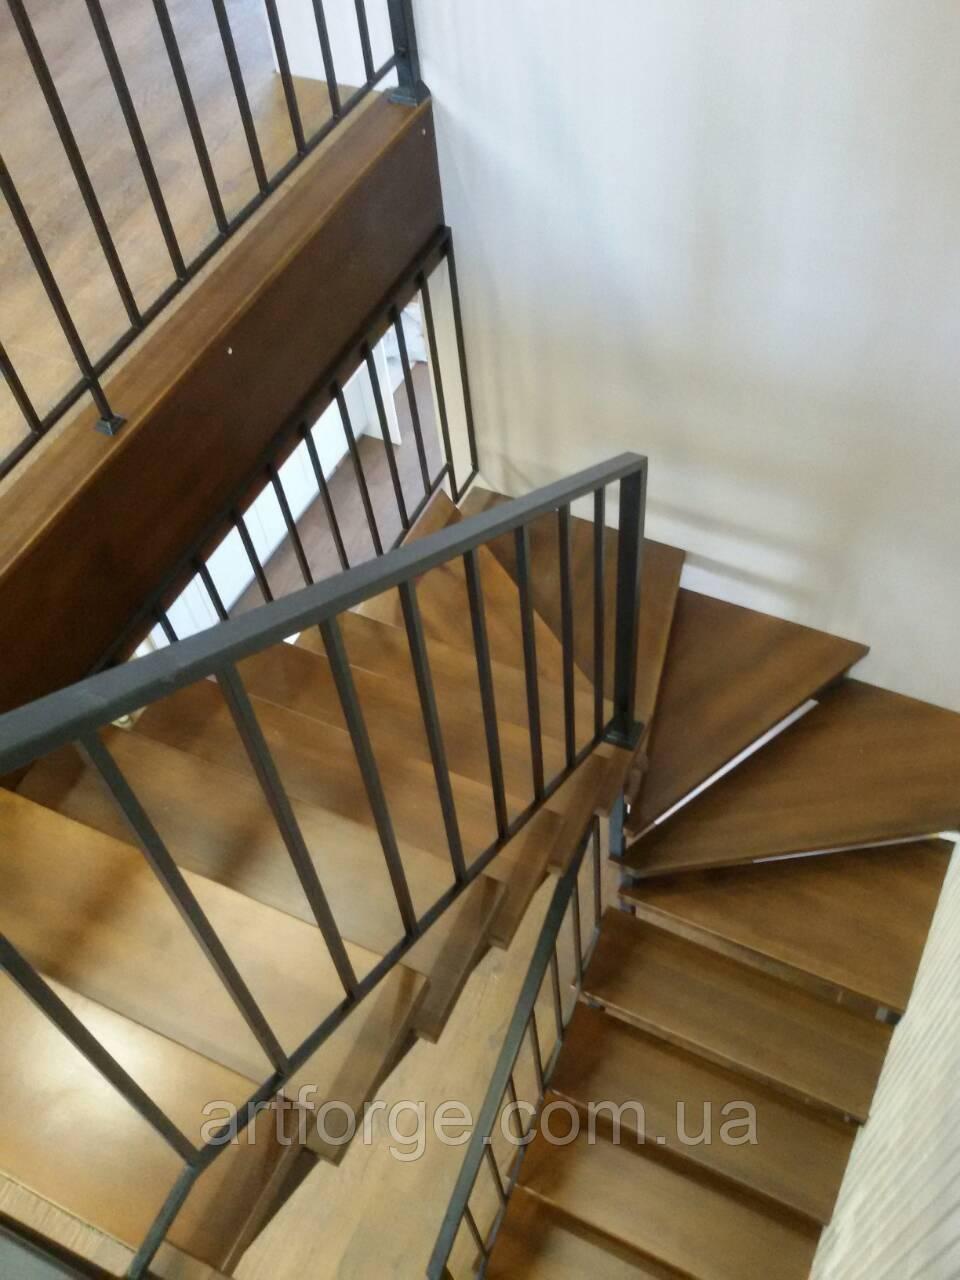 Ступени для открытой лестницы (бук. ясень, дуб, клен и др)